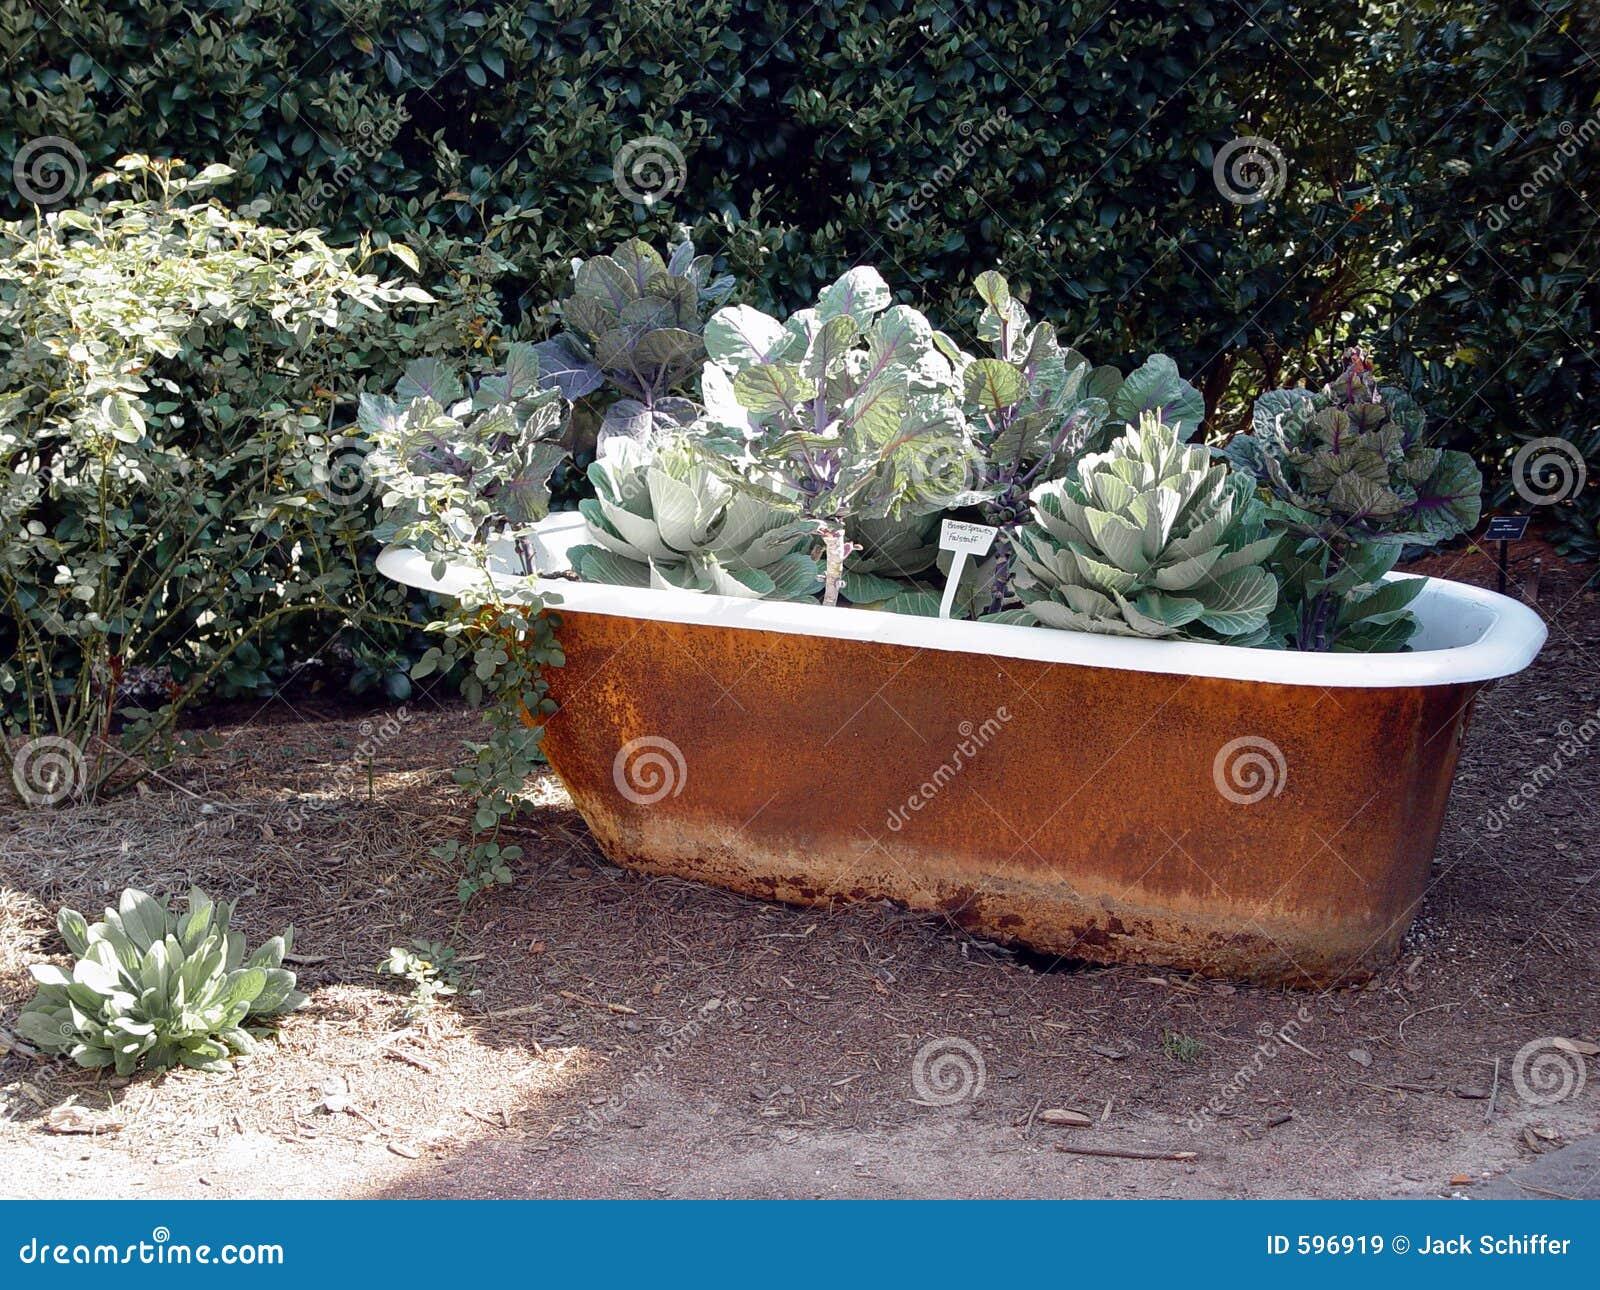 jardin de baignoire images libres de droits image 596919. Black Bedroom Furniture Sets. Home Design Ideas